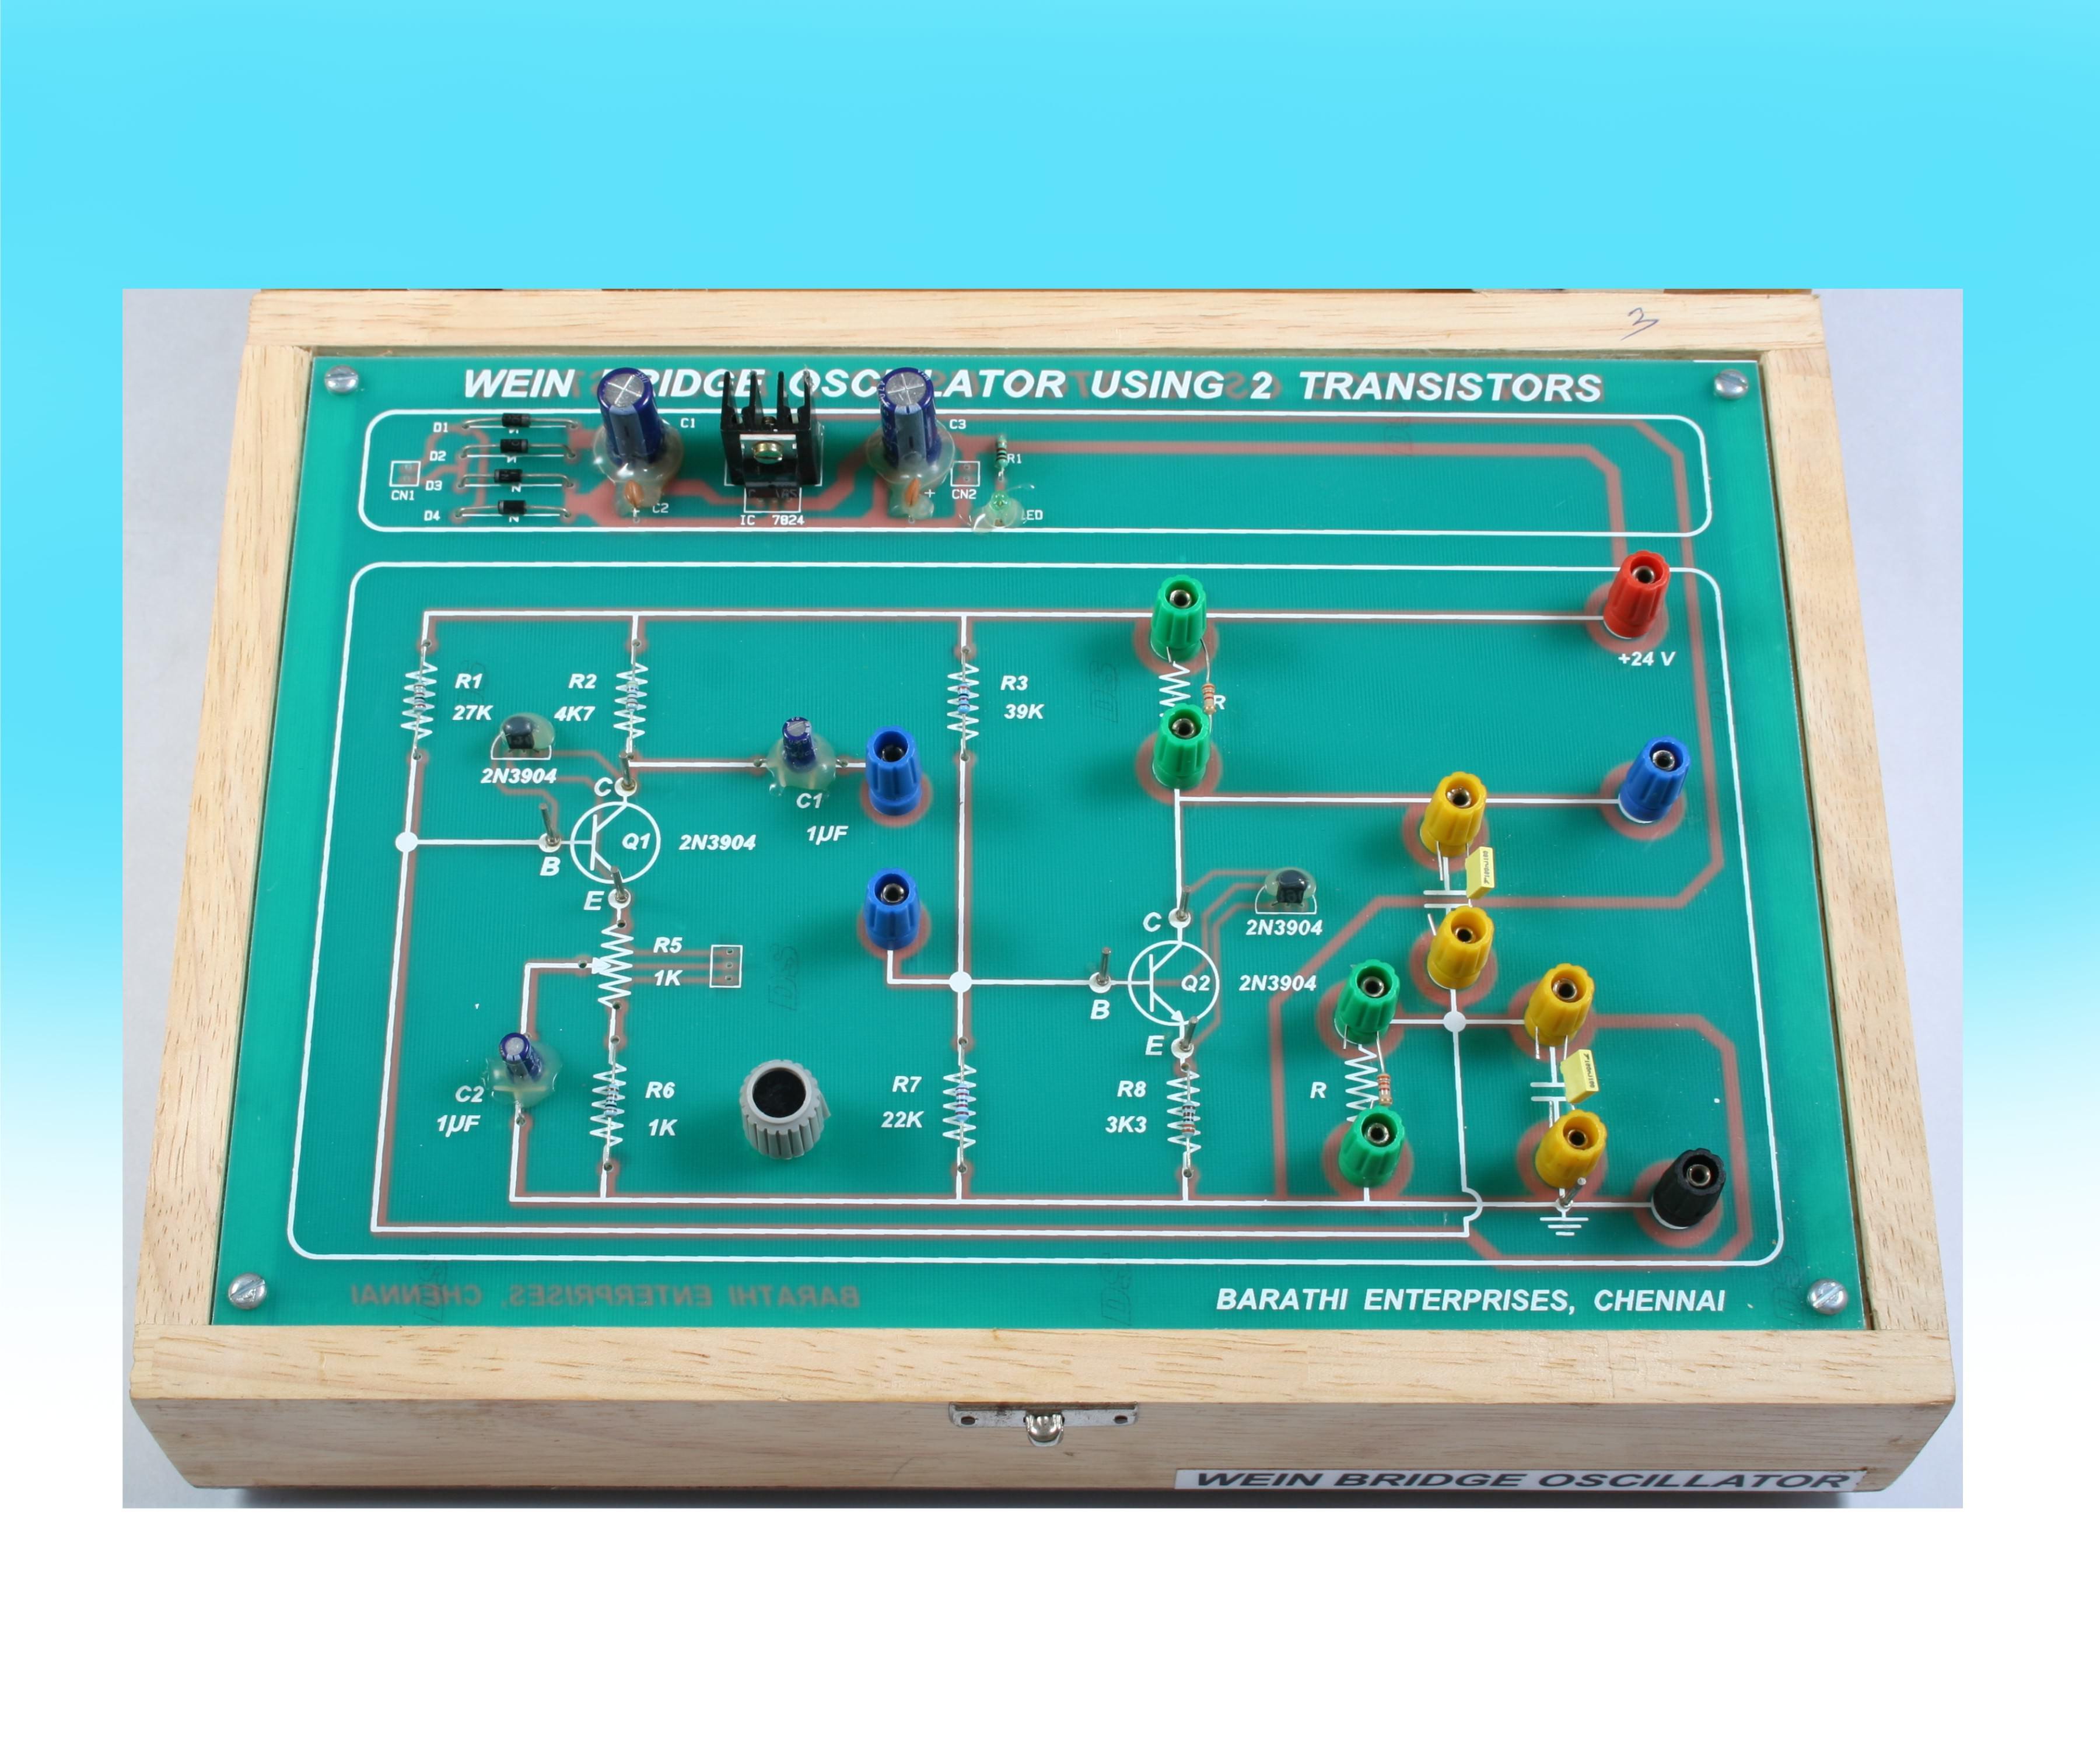 Barathi Enterprises Phase Shift Oscillator Circuit Using Transistor Image Objective